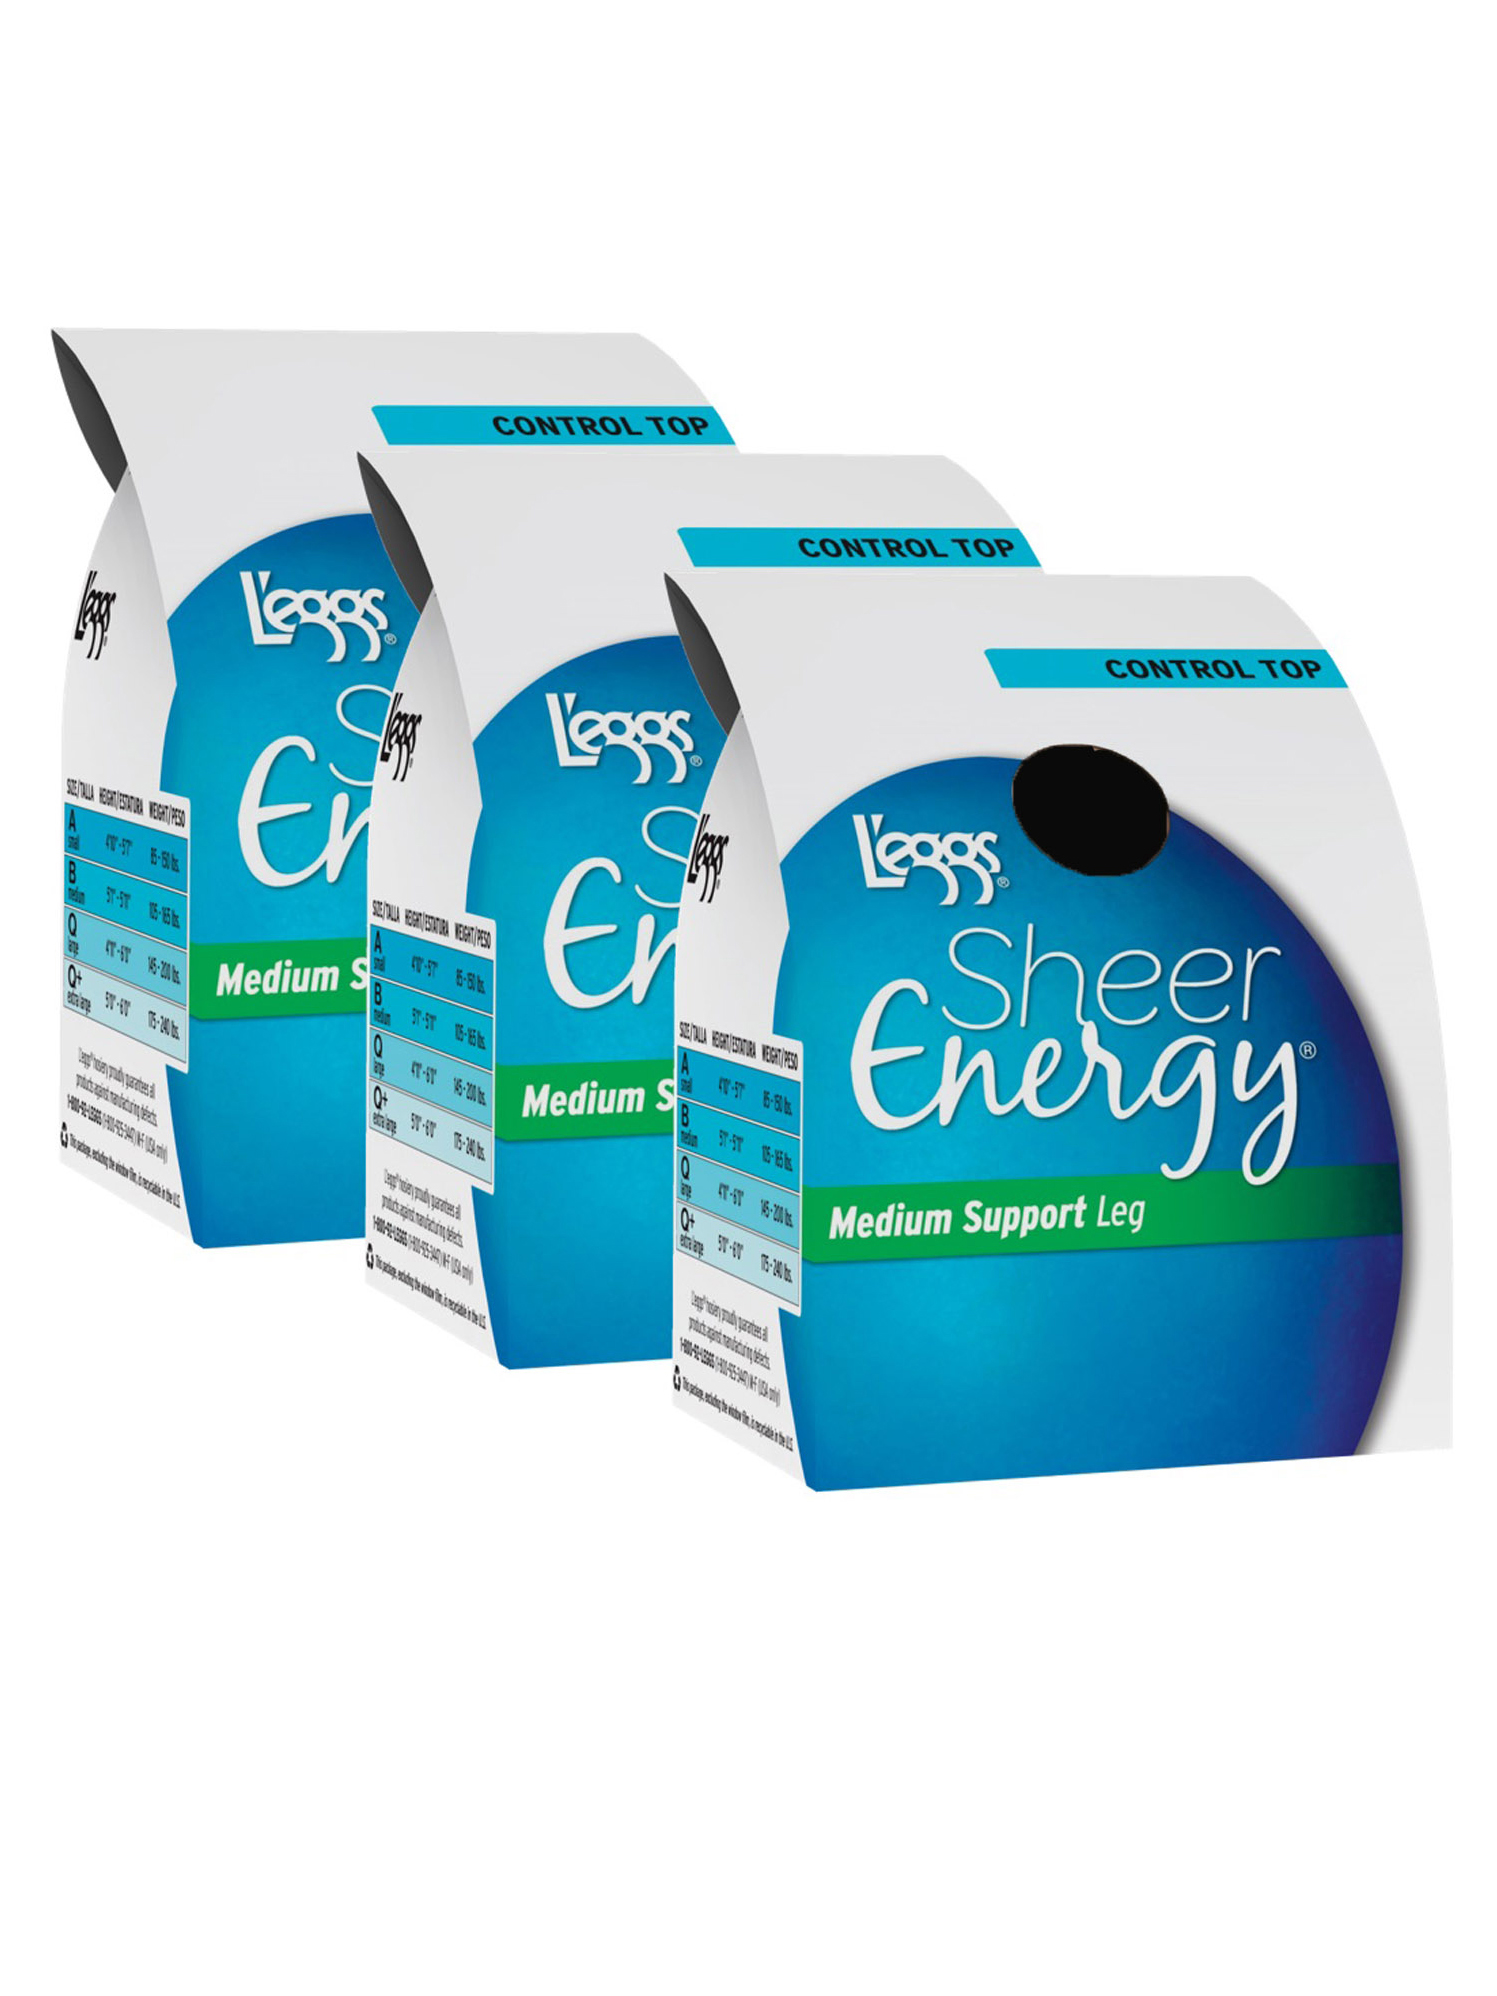 L'eggs Sheer Energy Medium Support Control Top Hosiery, 3 Pack